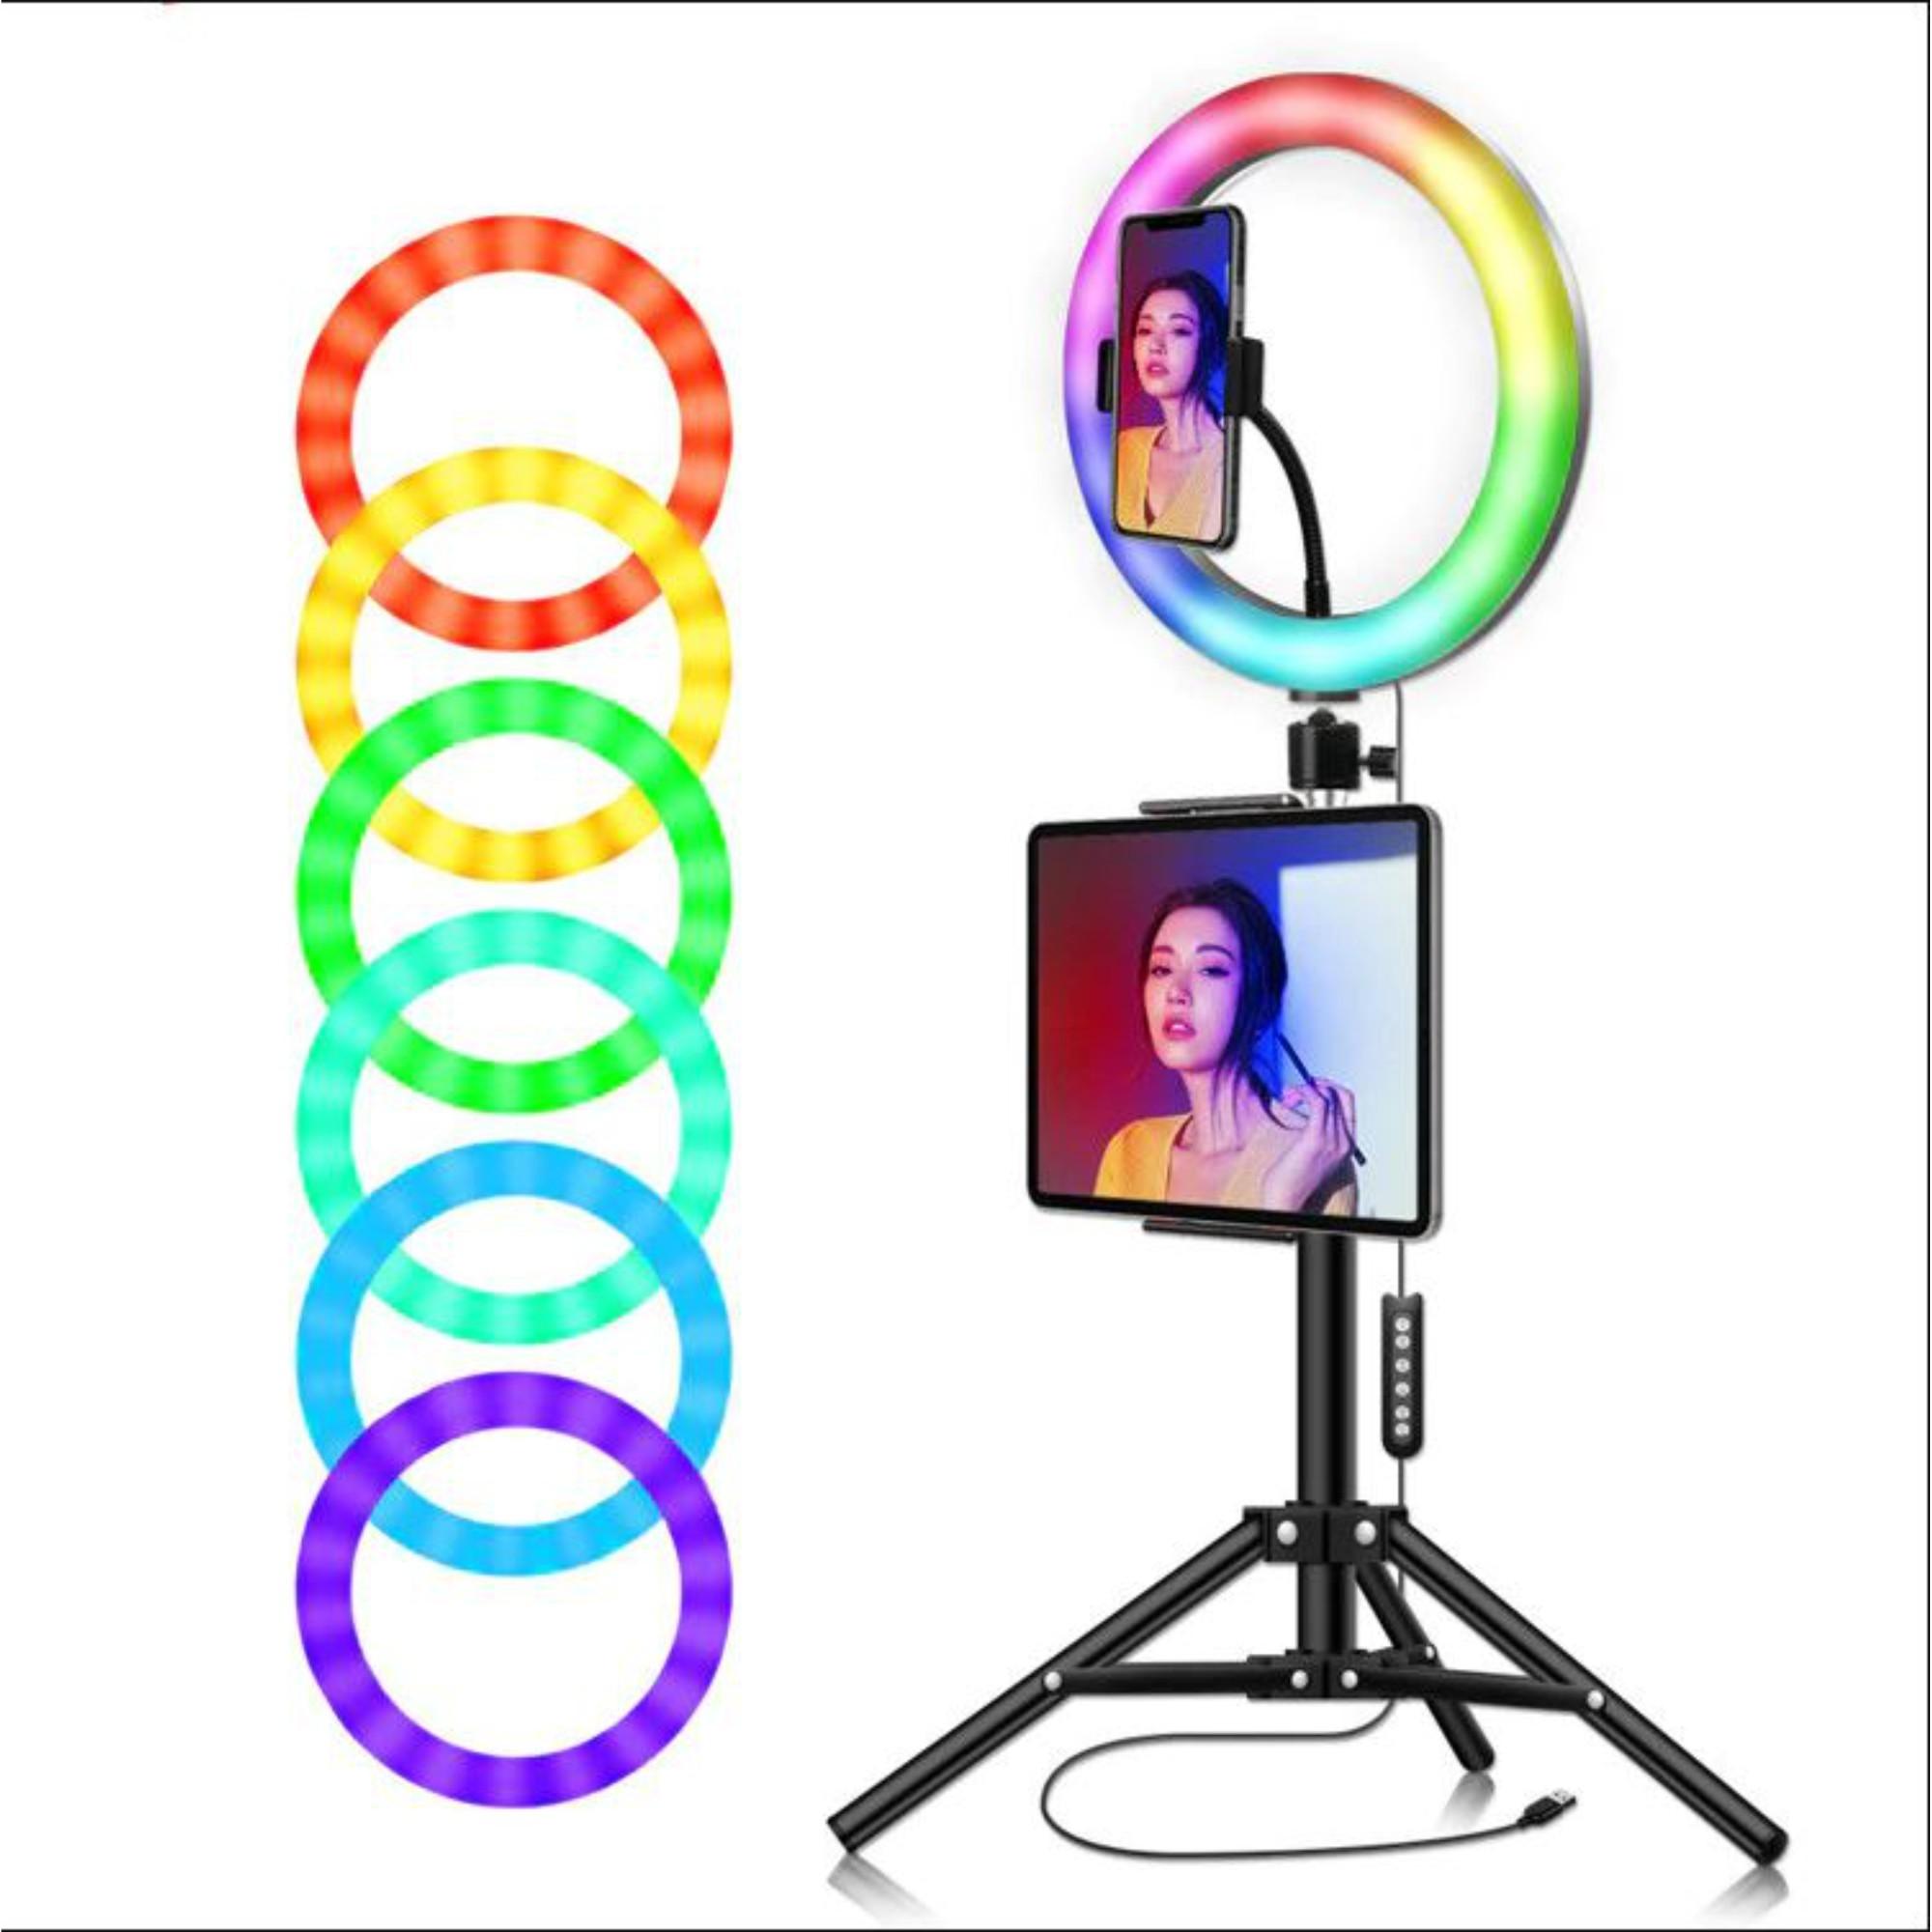 Ring Light RGB Colorida 26 Centimetros Led + Tripé